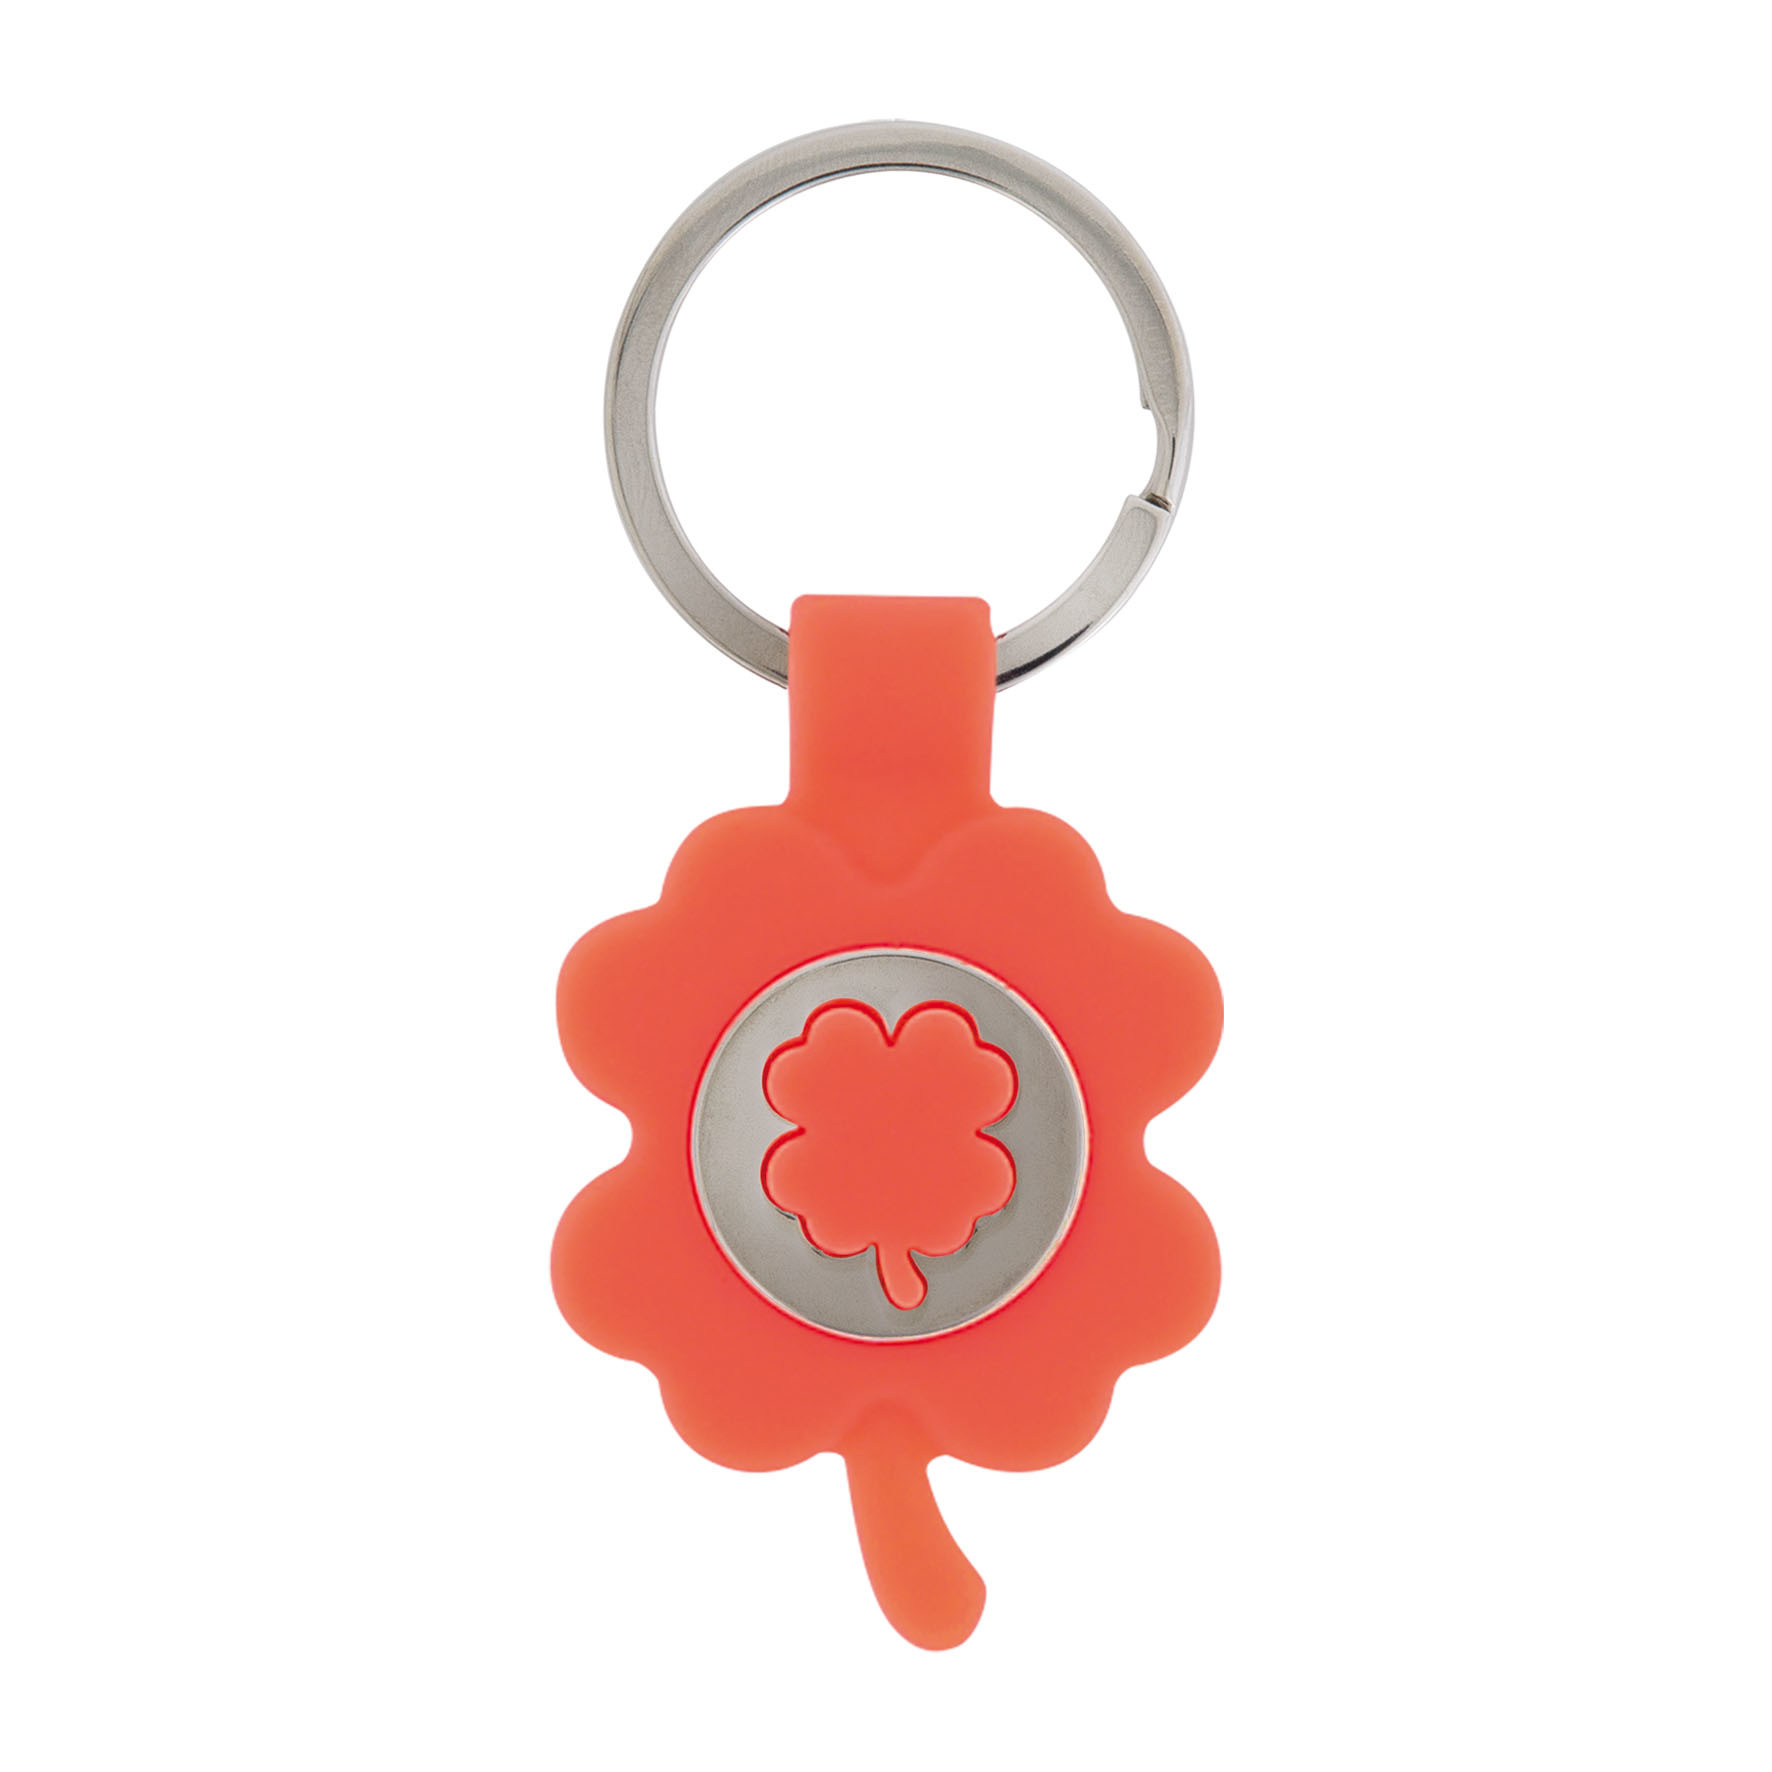 Porte-clés porte-bonheur - 22-1215-9